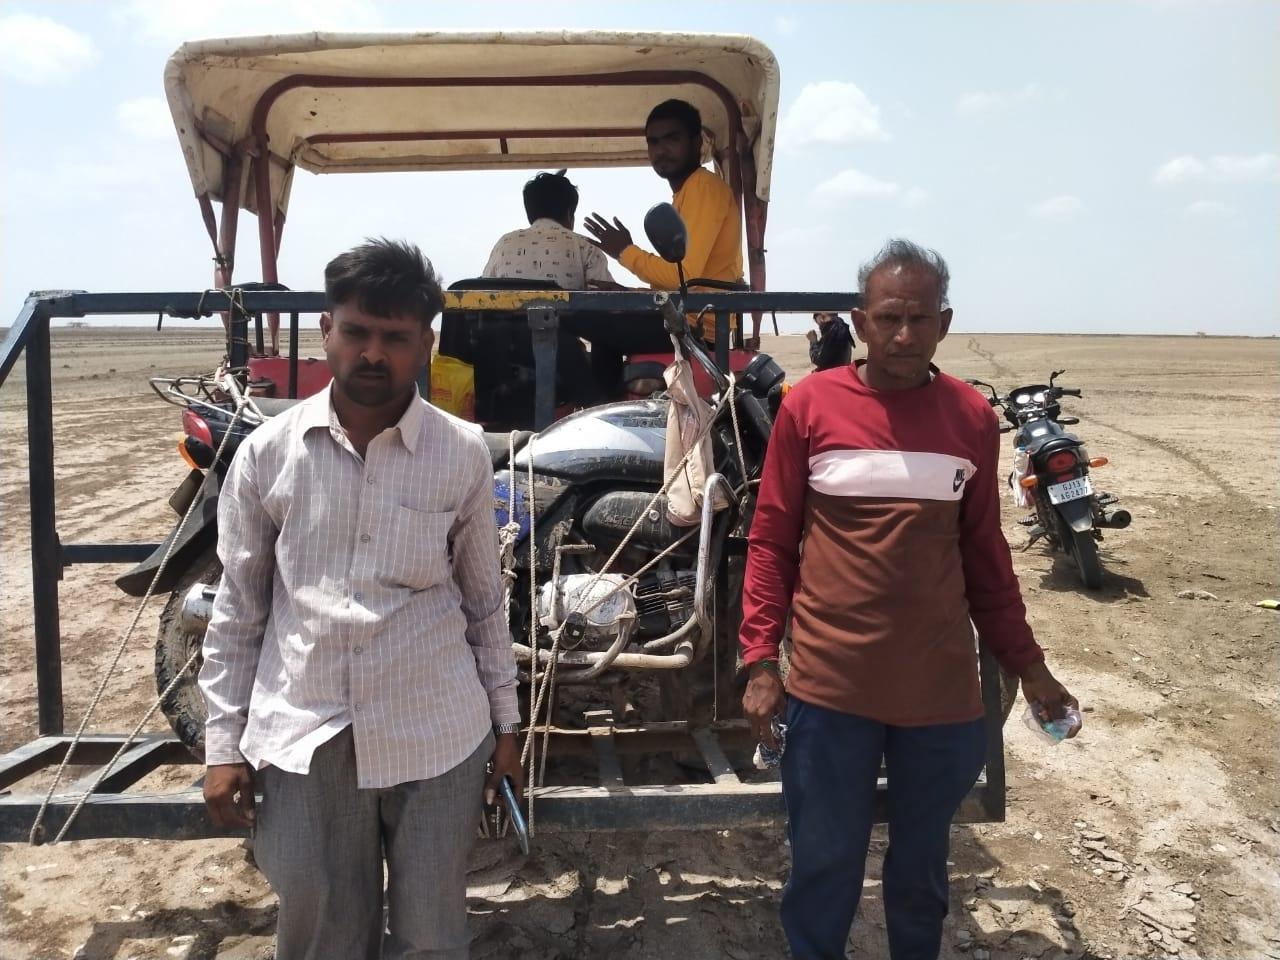 વાછડાદાદા રણમાં પાણીમાં બાઇક ફસાતા બે લોકો આખો દિવસ રઝળ્યા, બેભાન થઇ જતાં ટ્રેક્ટર લઇને દોડી ગયેલા સેવાભાવીઓએ બચાવ્યા - Divya Bhaskar